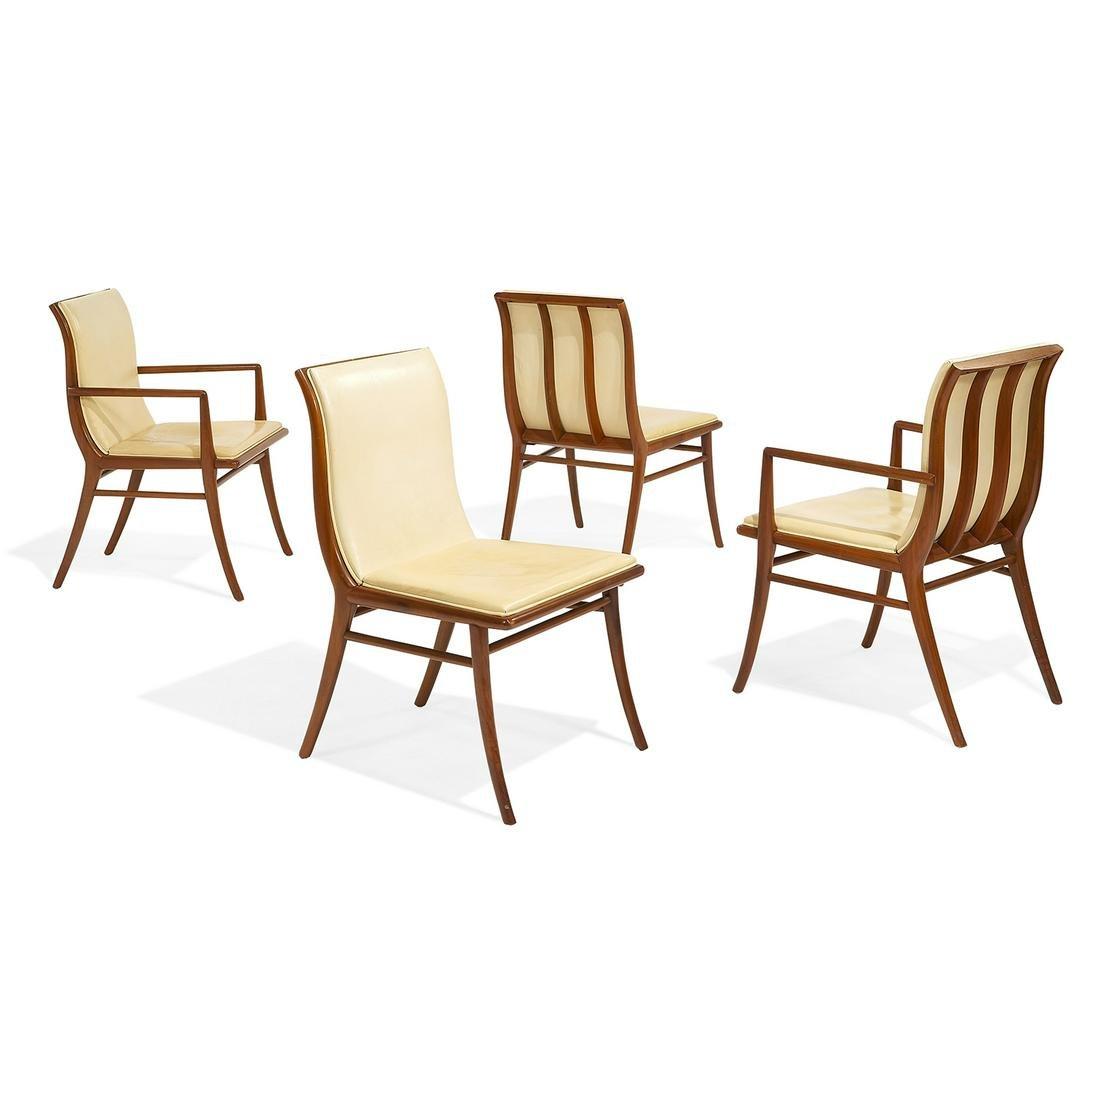 T.H. Robsjohn-Gibbings for Widdicomb chairs, four